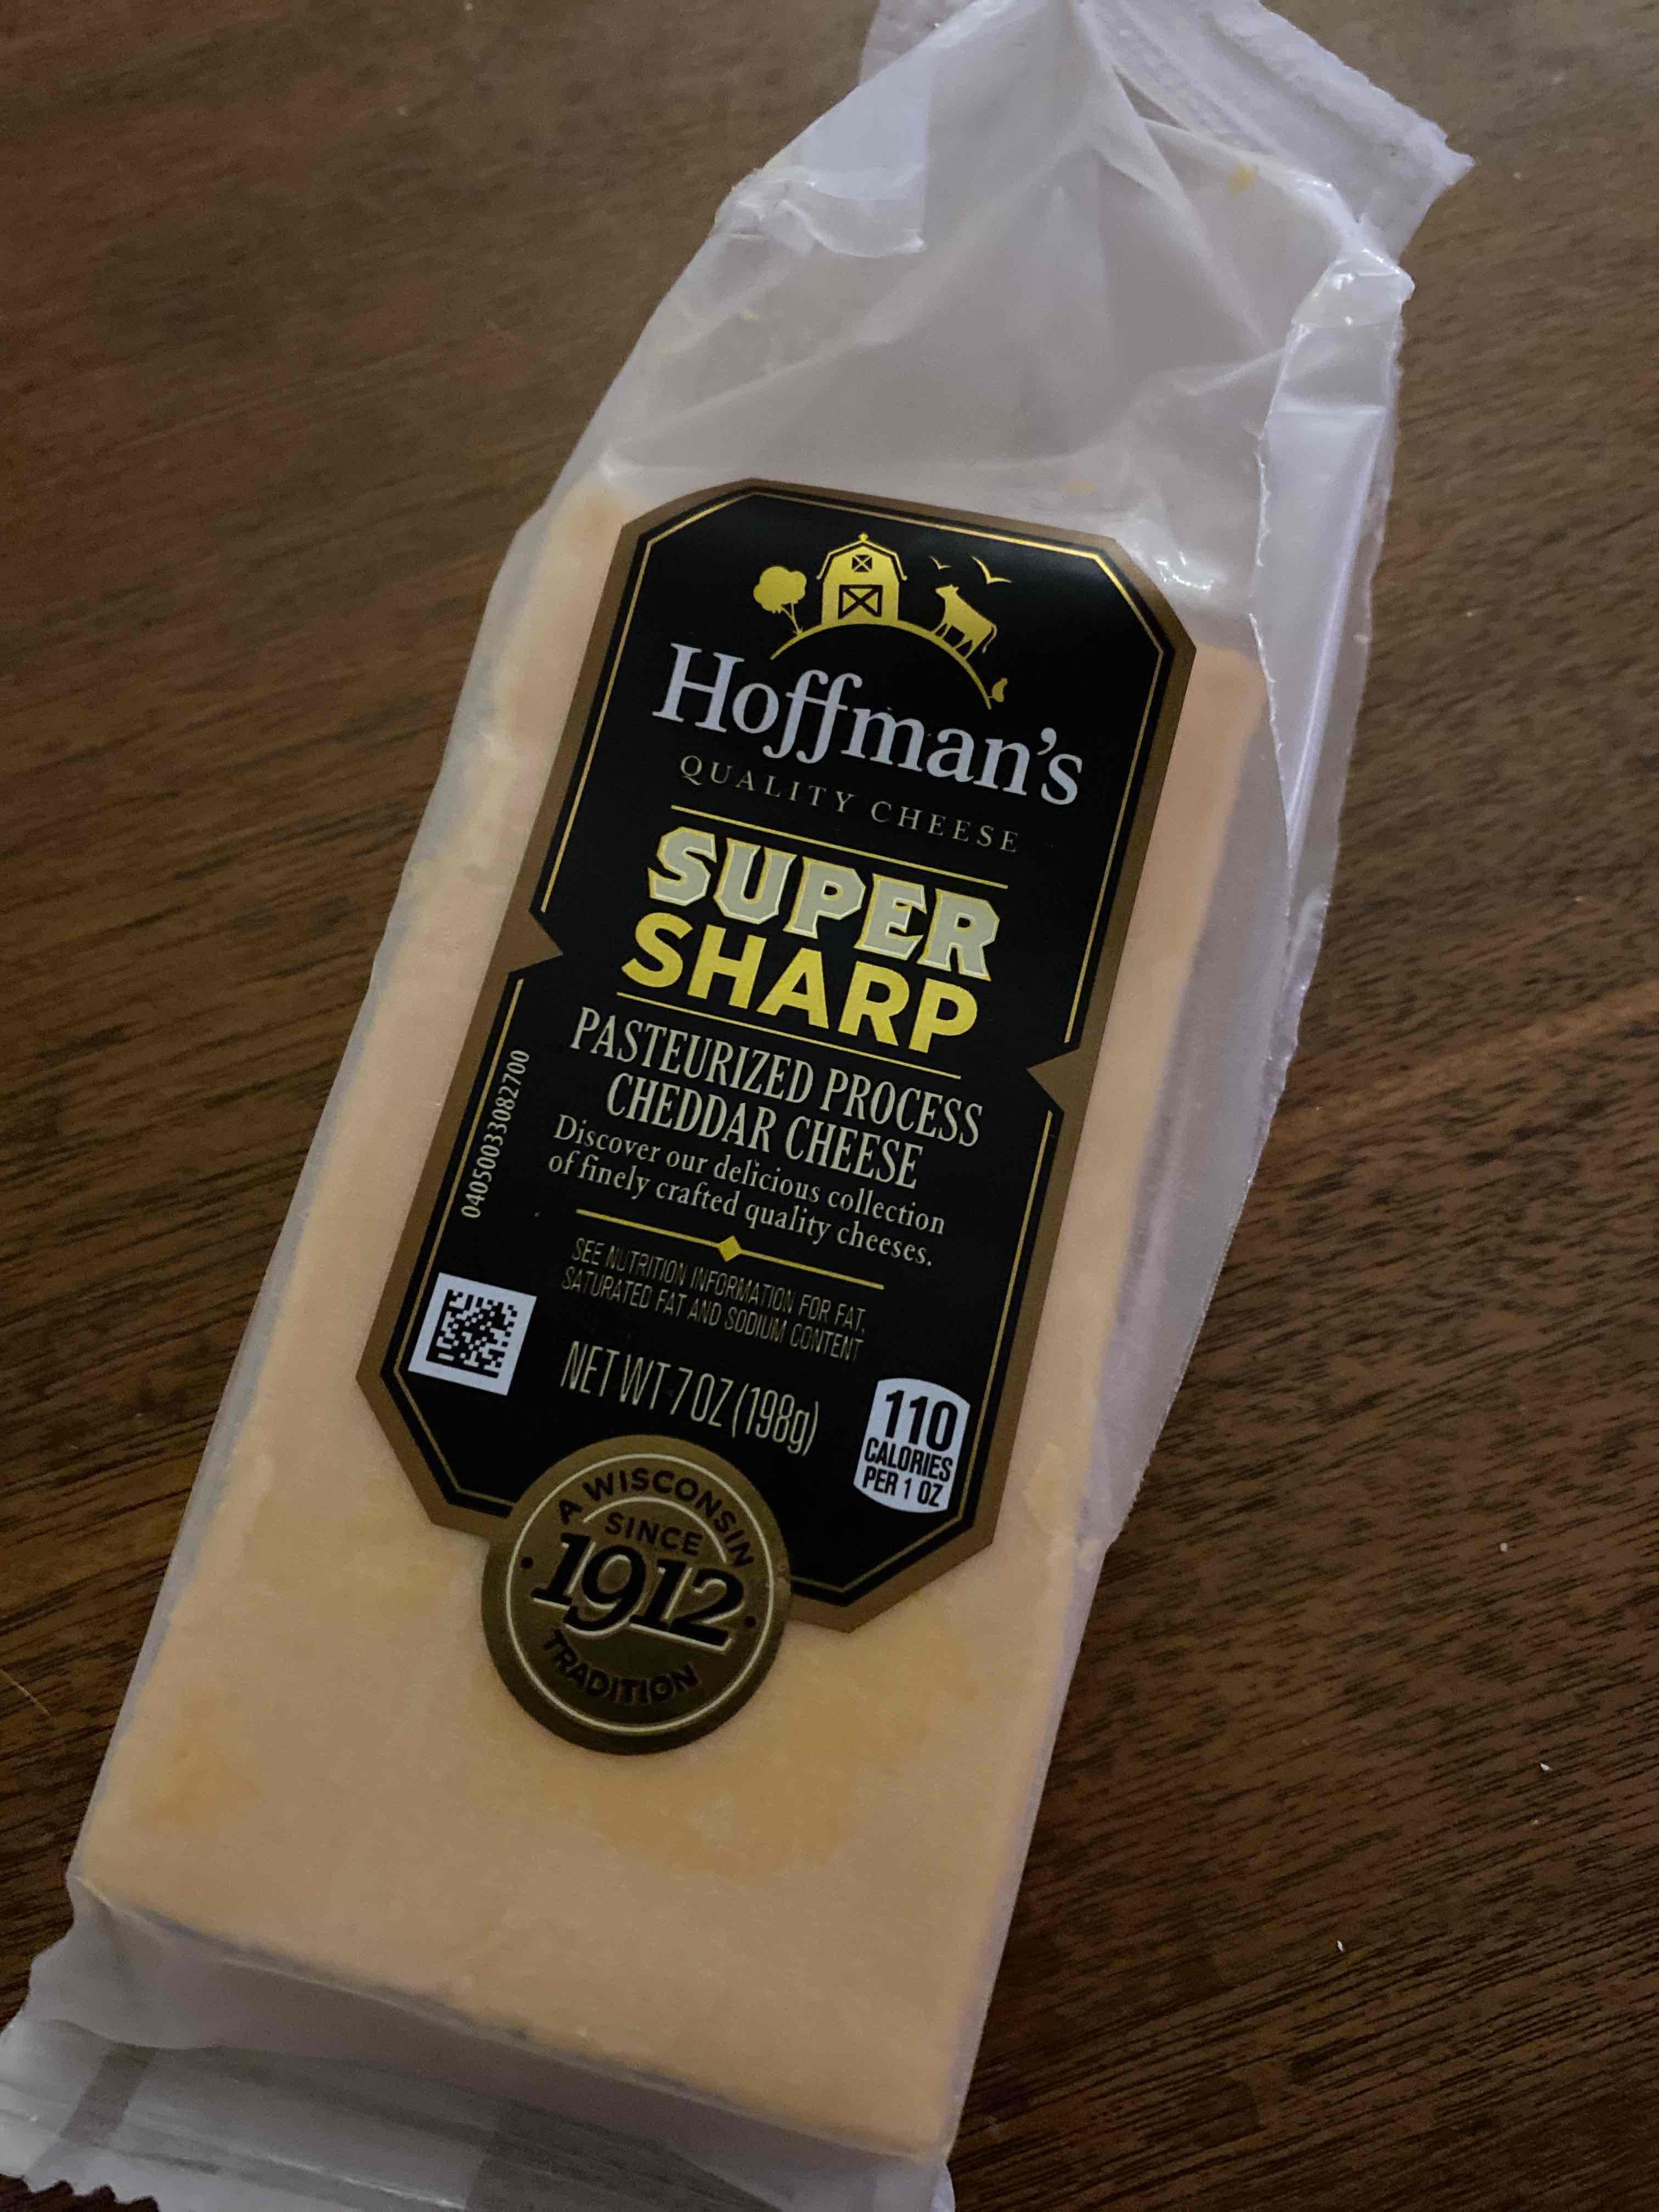 Hoffman's Super Sharp